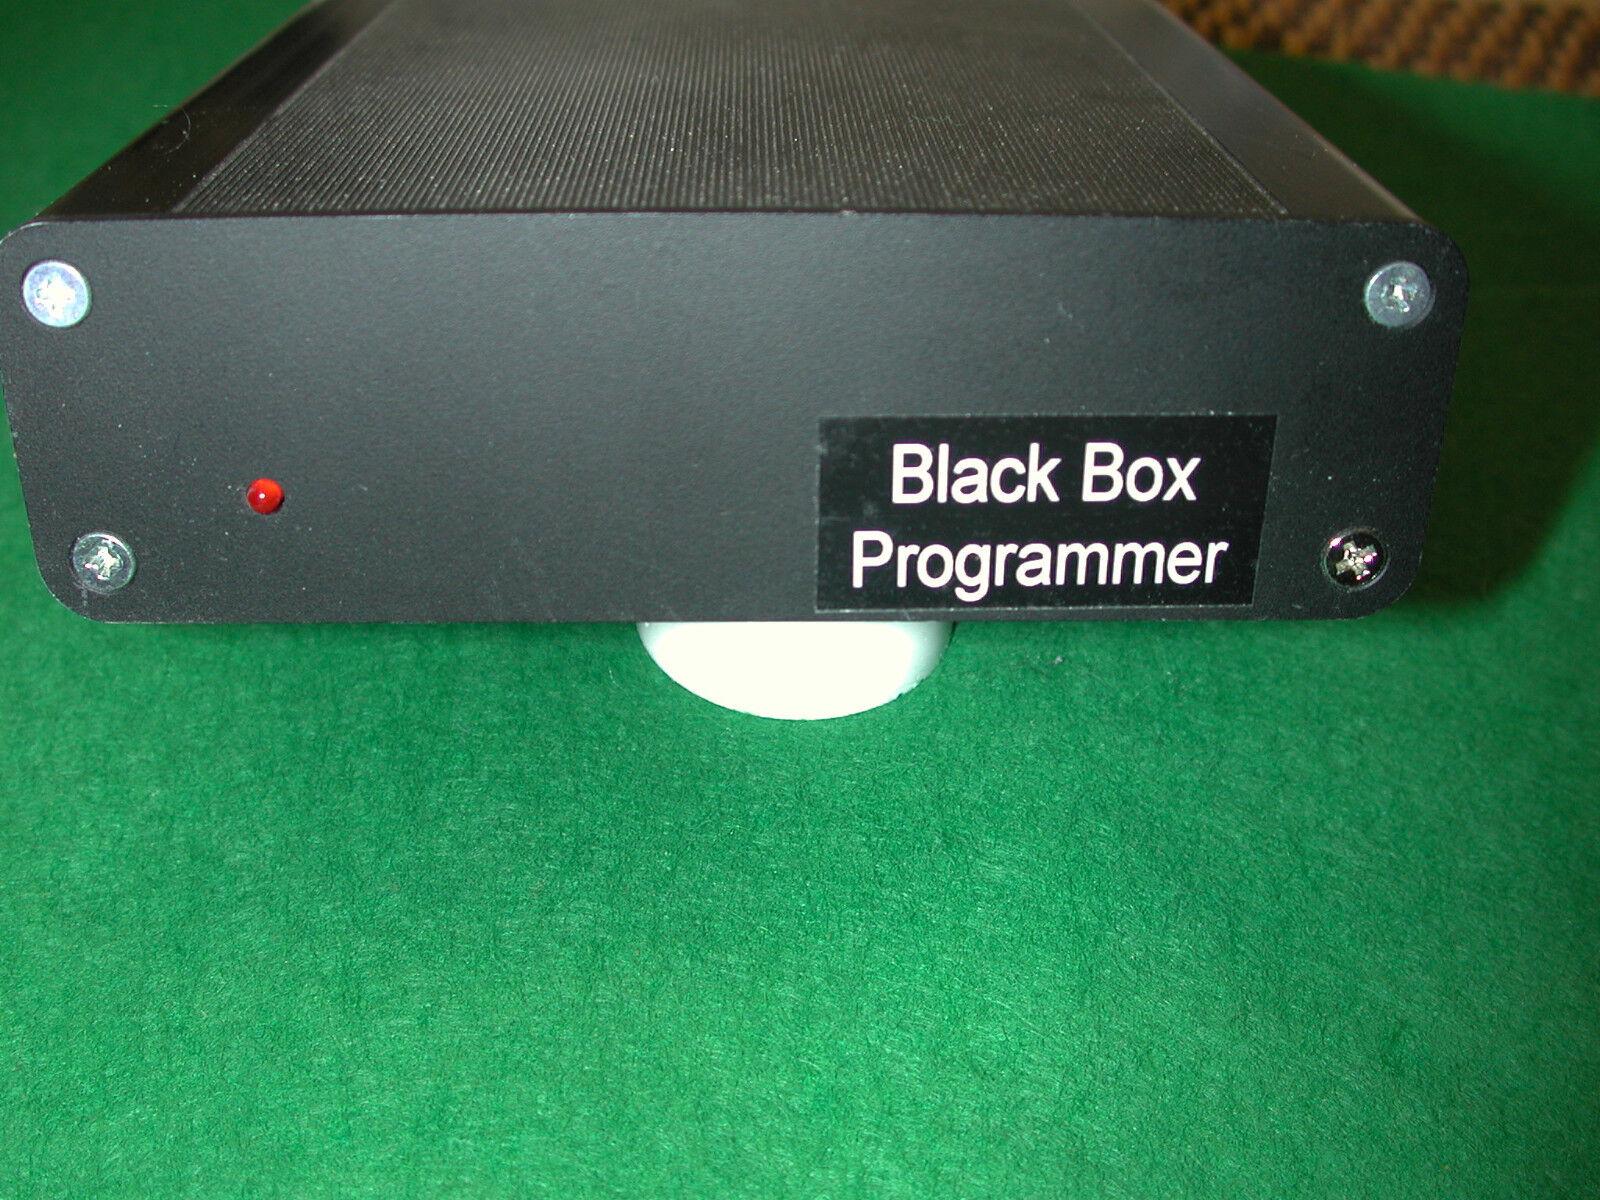 DCC xpressnet Negro Caja progammer & Transformador Con Manual